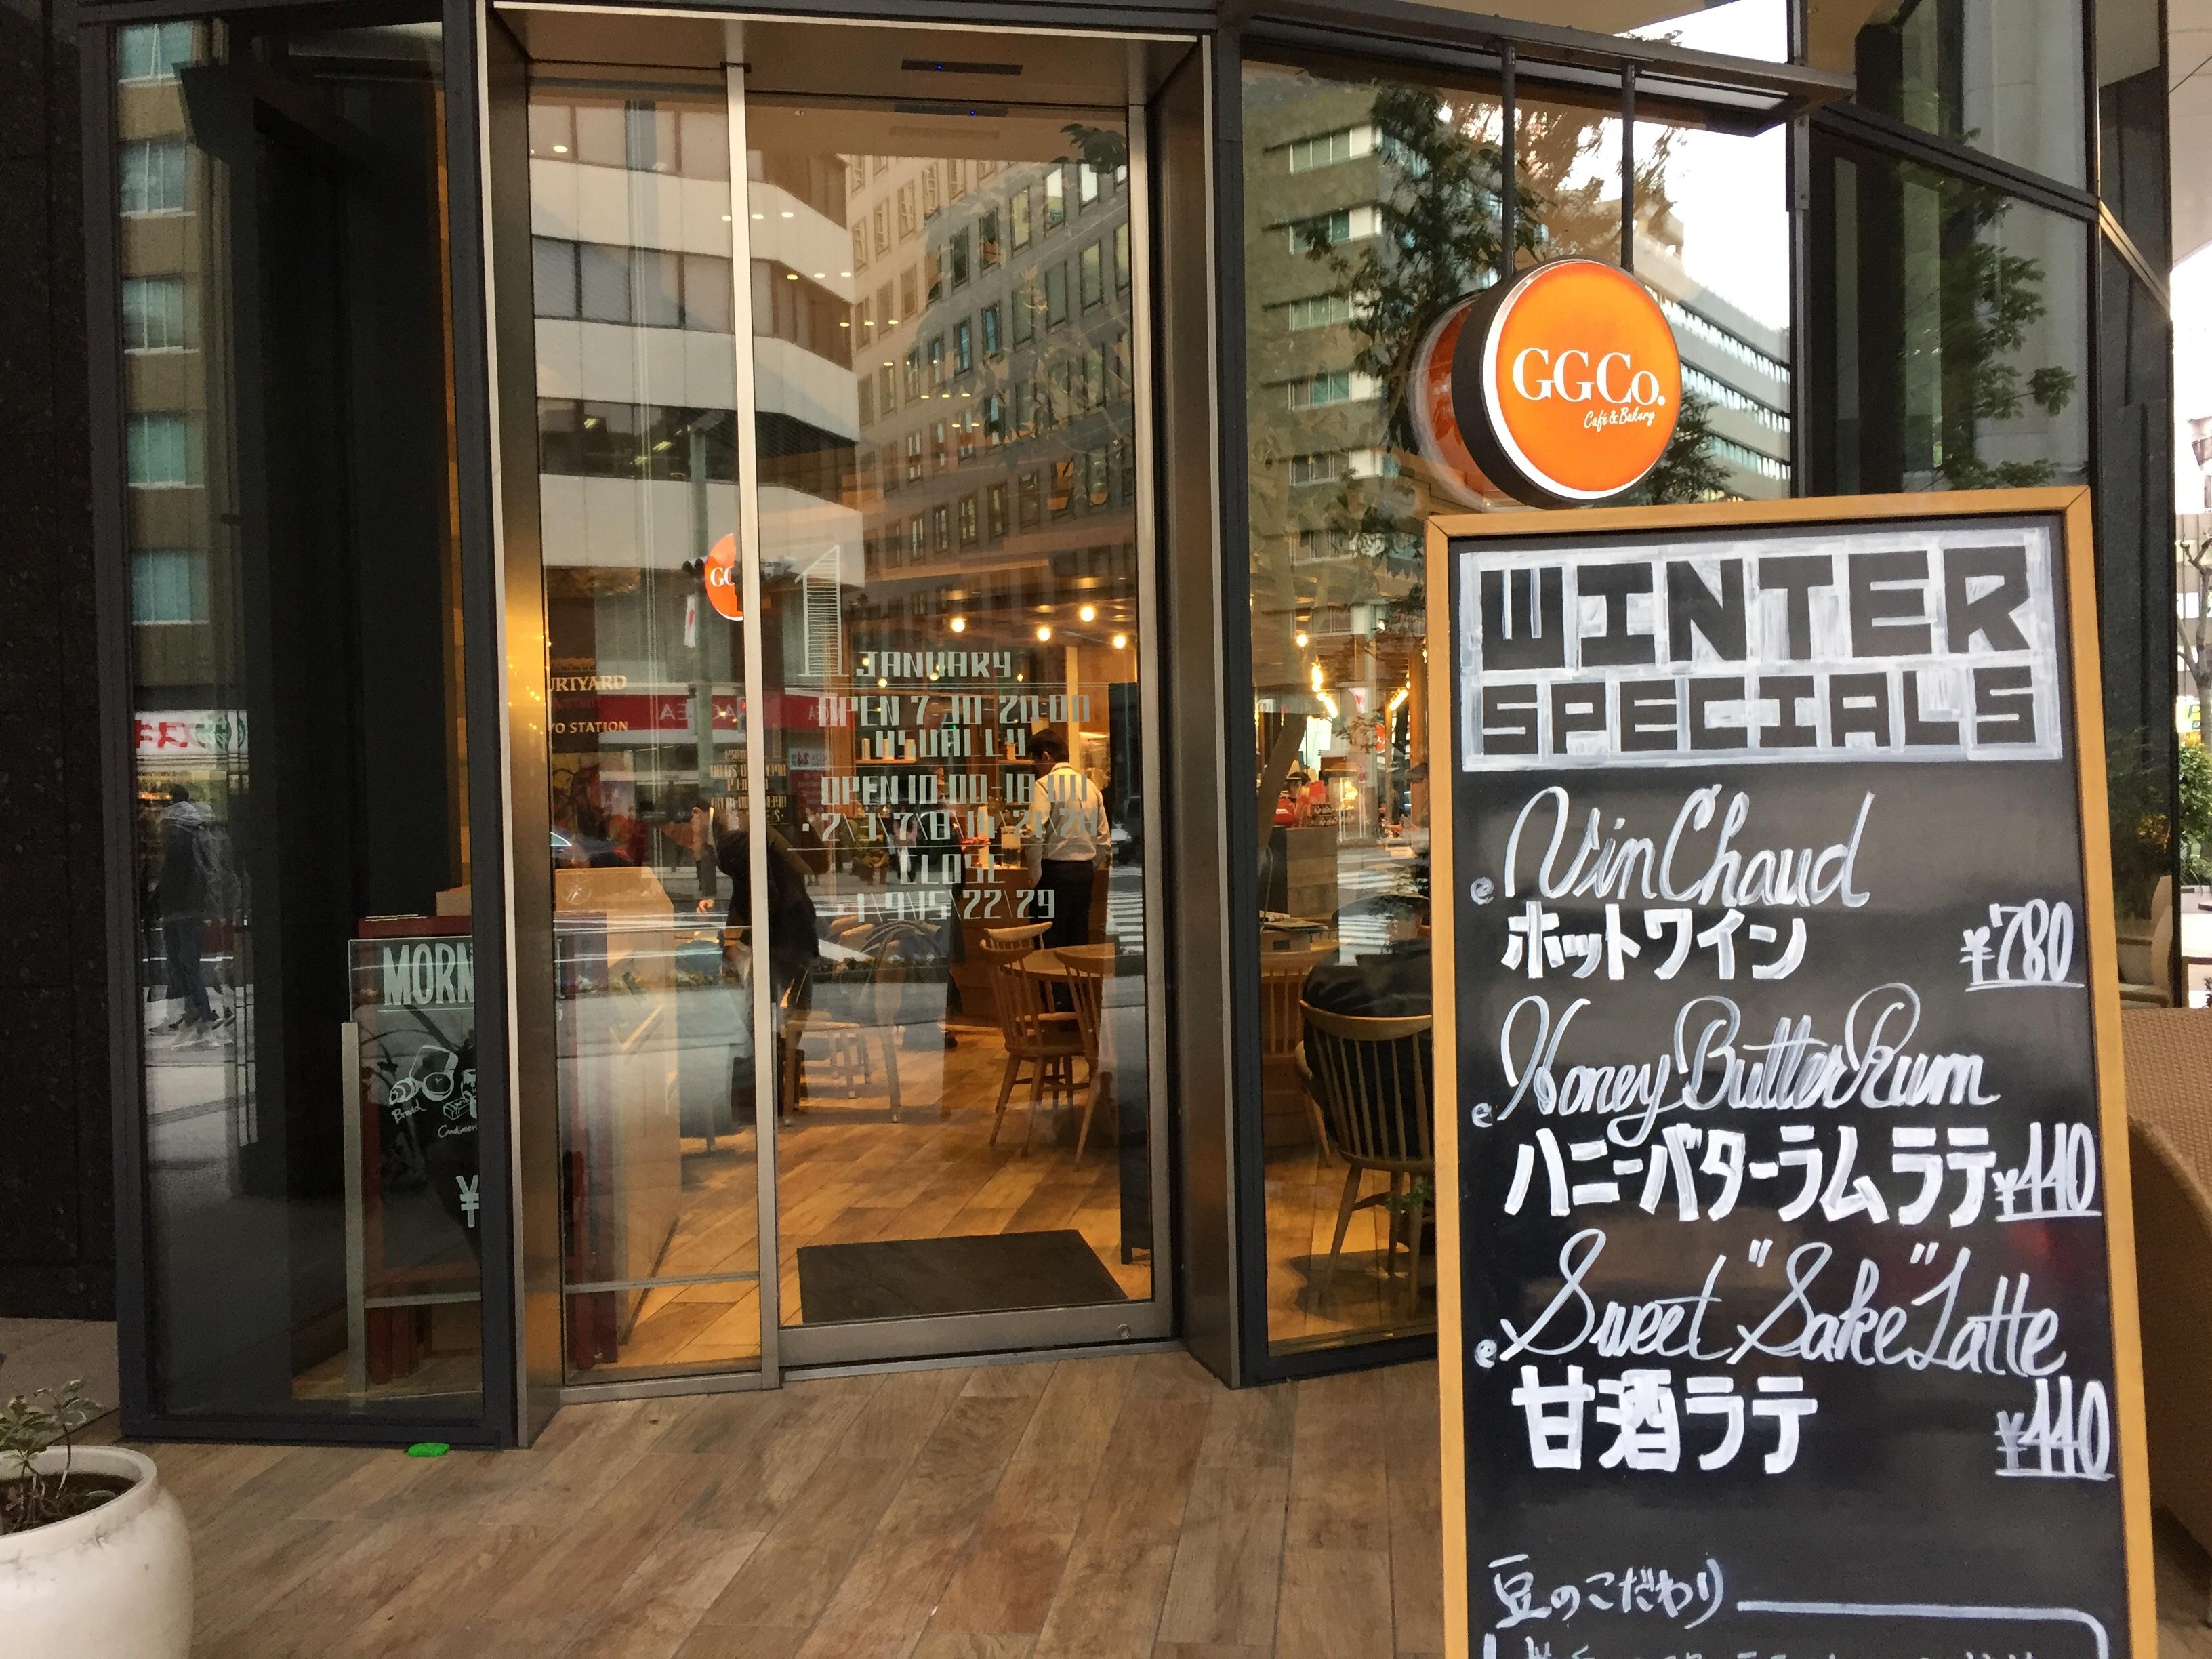 京橋 電源カフェ cafe&bakery GGCo.(ジージーコー)